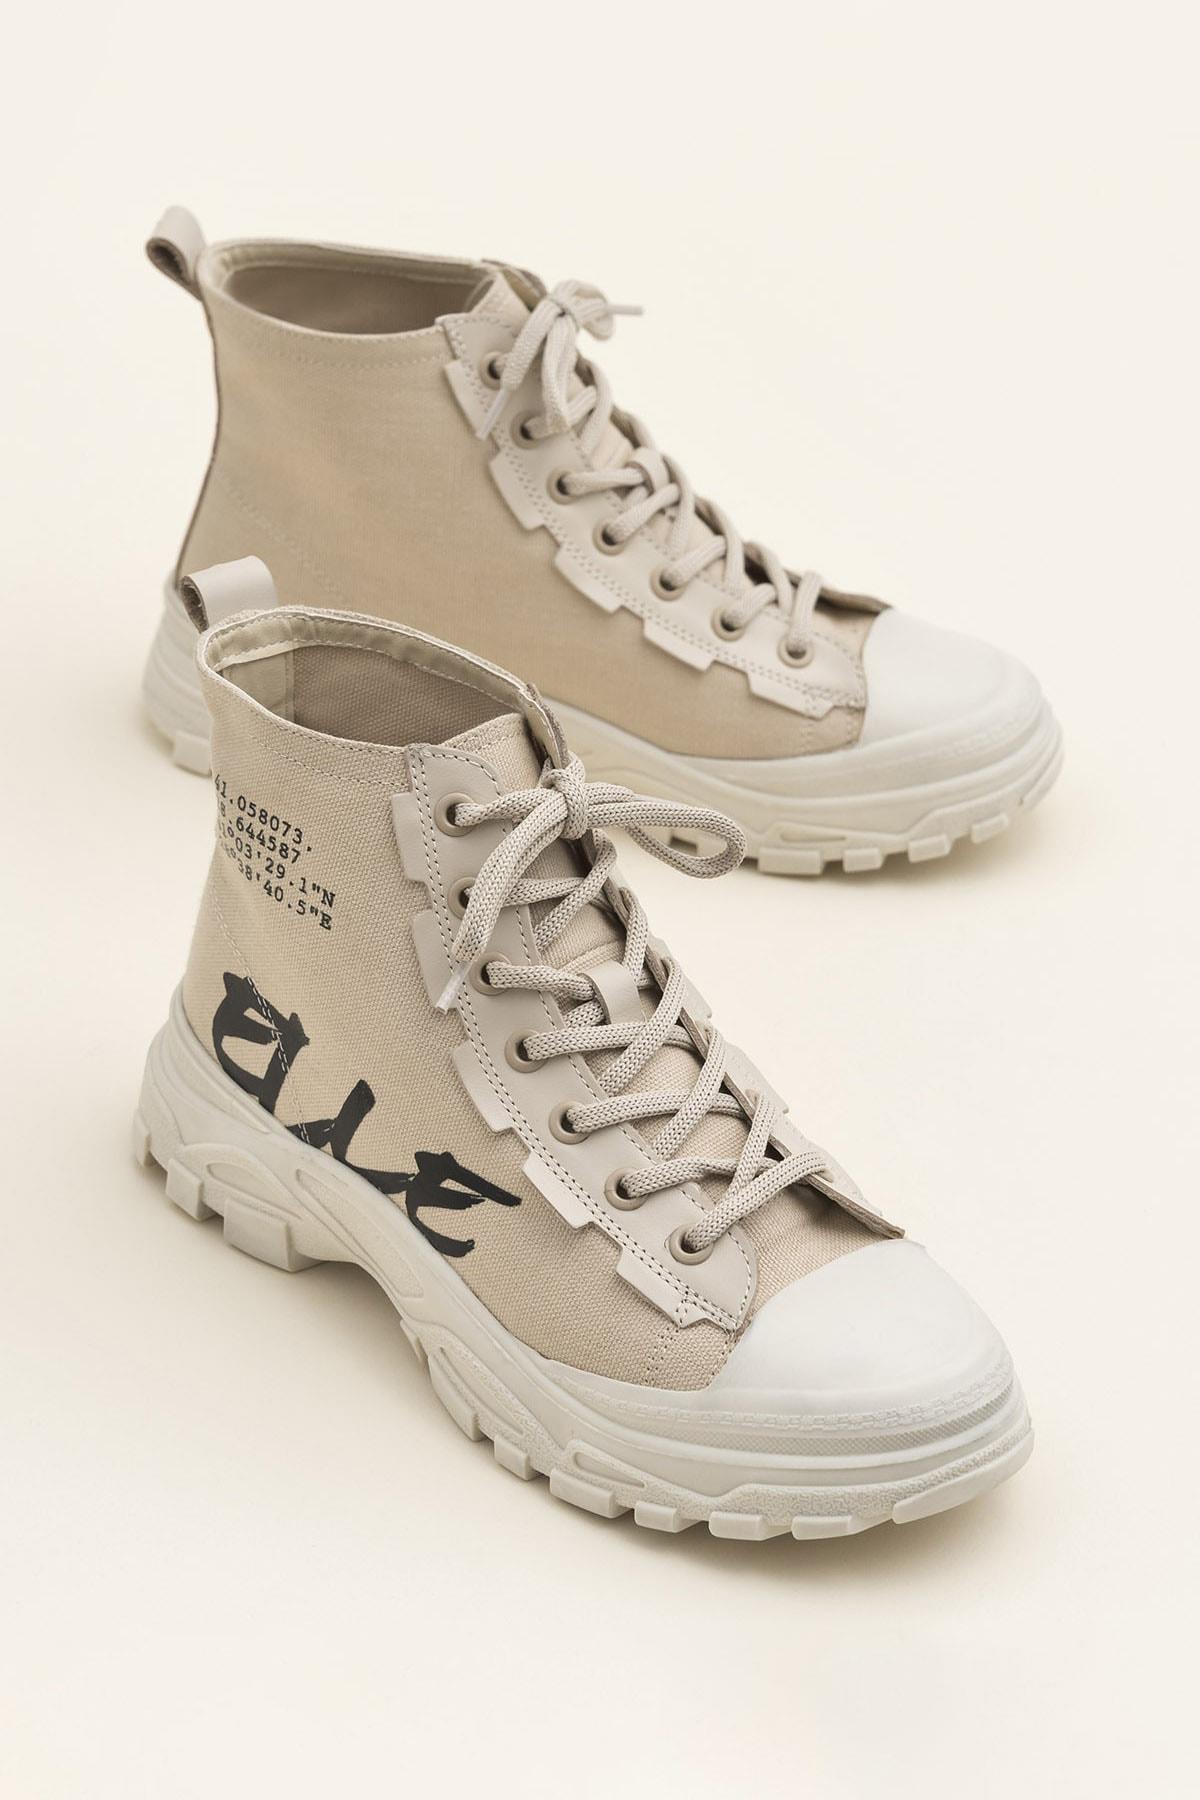 Elle Shoes KAYCE Bej Kadın Bot 1